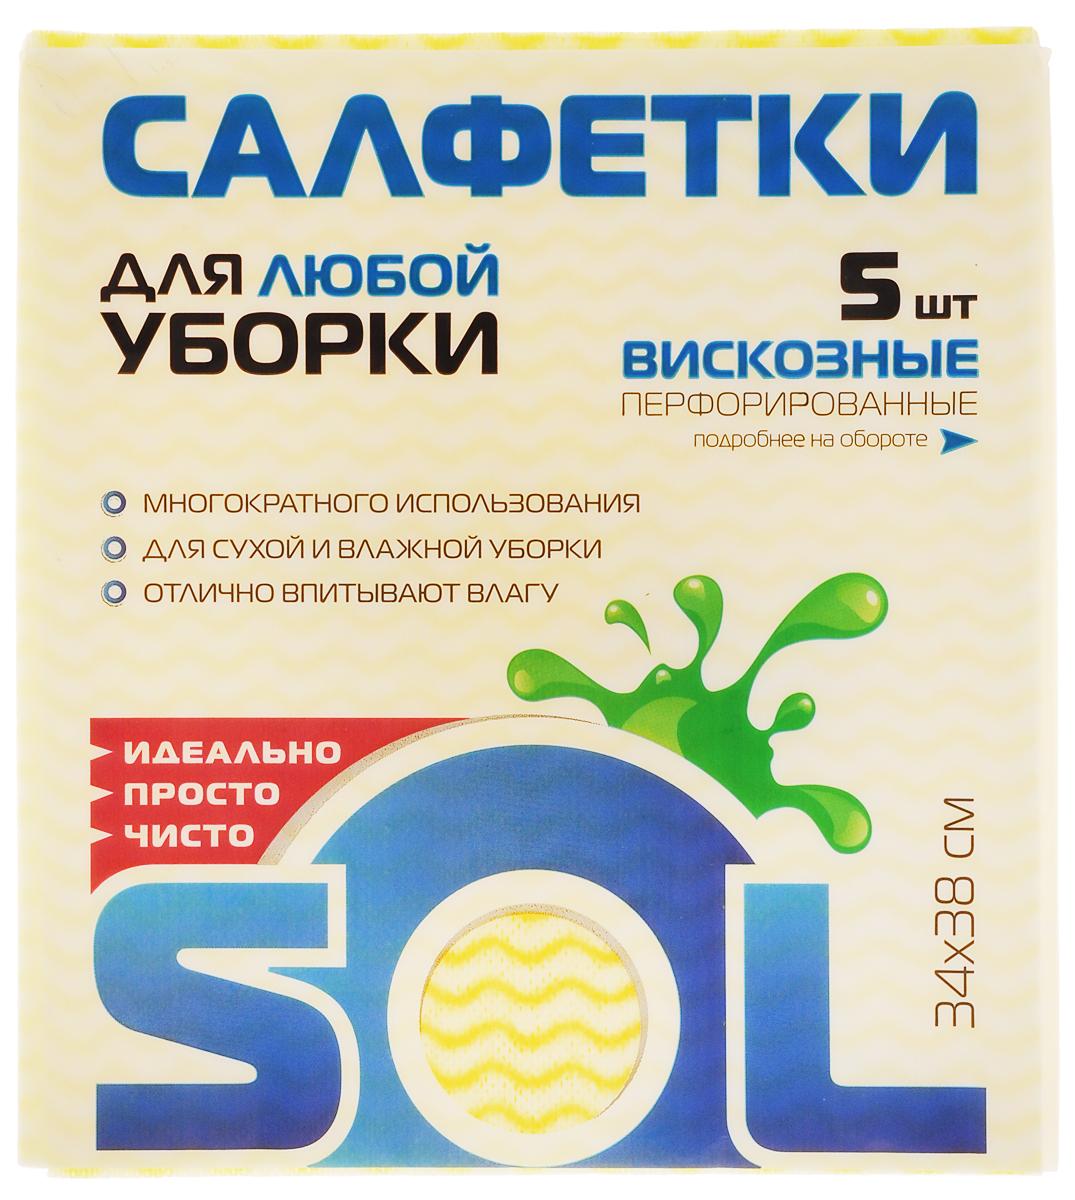 Салфетка для уборки Sol из вискозы, перфорированная, цвет: желтый, белый, голубой, 34 x 38 см, 5 шт10005/10053_желтый, белый, голубойПерфорированные салфетки для уборки Sol, выполненные из вискозы, предназначены для уборки и могут применяться с различными моющими средствами. Эффективно впитывают жидкость. Мягкие и прочные, легко отжимаются и быстро сохнут.Рекомендации по уходу: Для обеспечения гигиеничности уборки после применения прополоскать в теплой воде.Для продления срока службы не применять машинную стирку, не гладить и не кипятить.